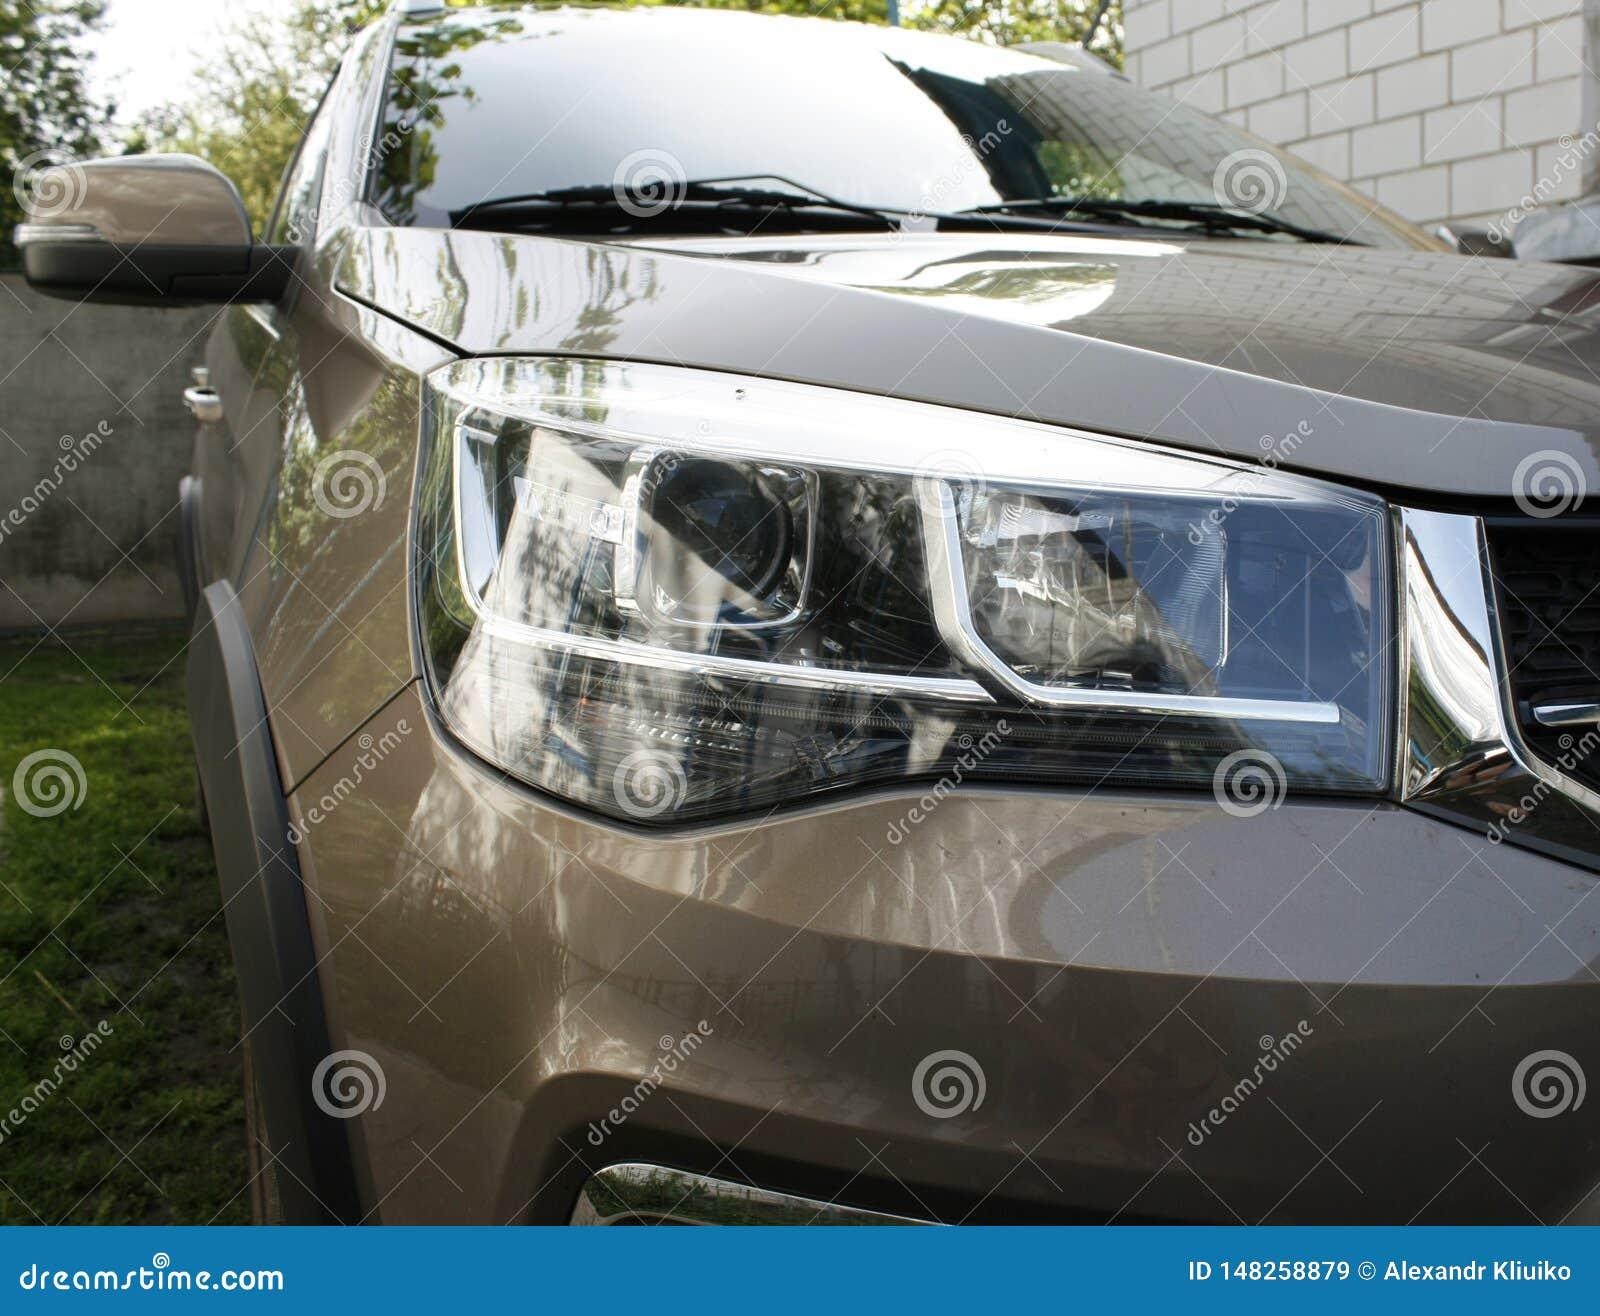 Close-up van moderne automobiel LEIDENE koplampen in openlucht op een bruine auto van een Chinese fabrikant